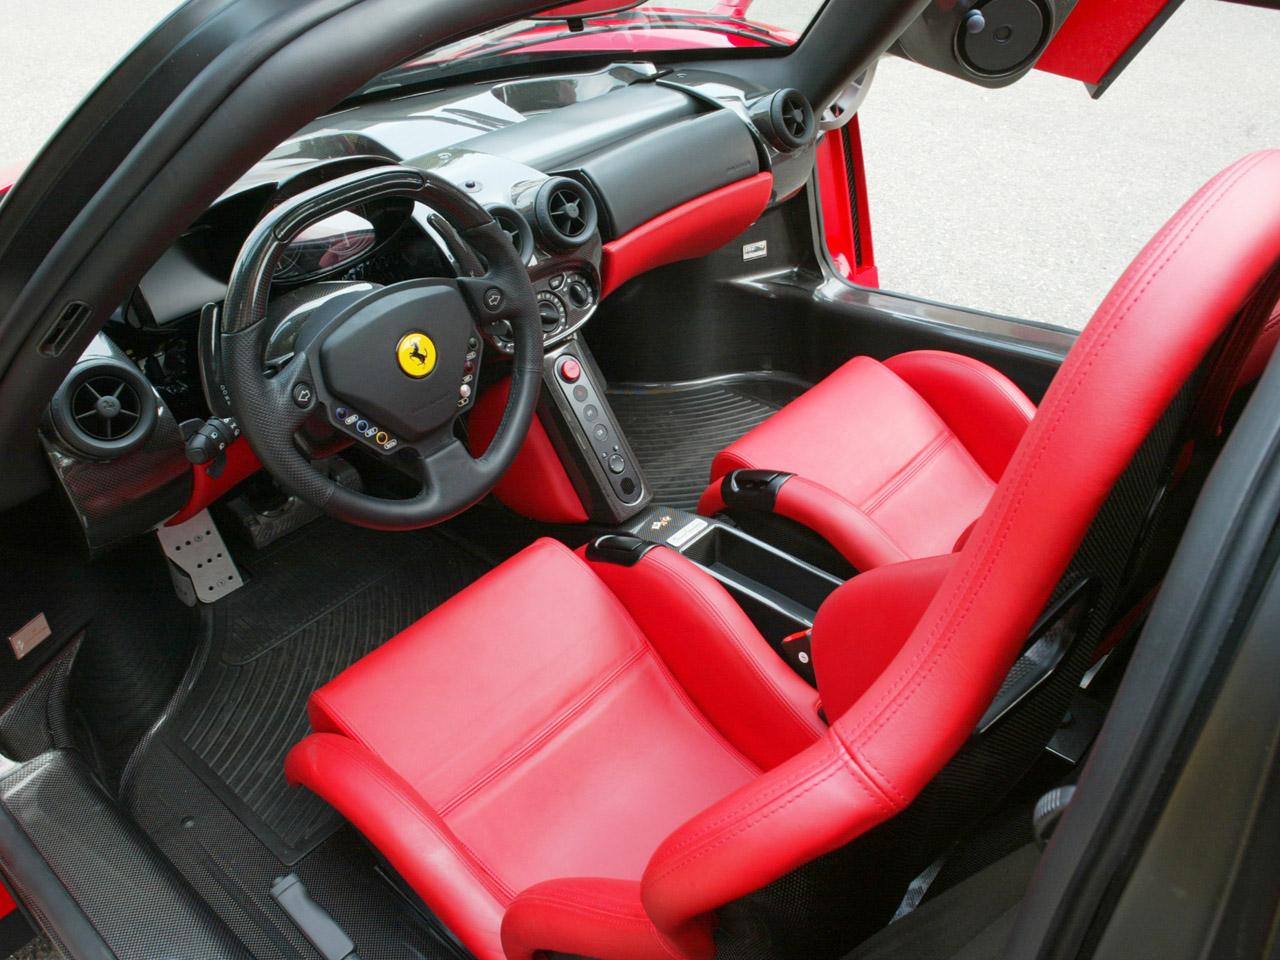 интерьер машины внутри, ferrari, кресла, фото, обои для рабочего стола